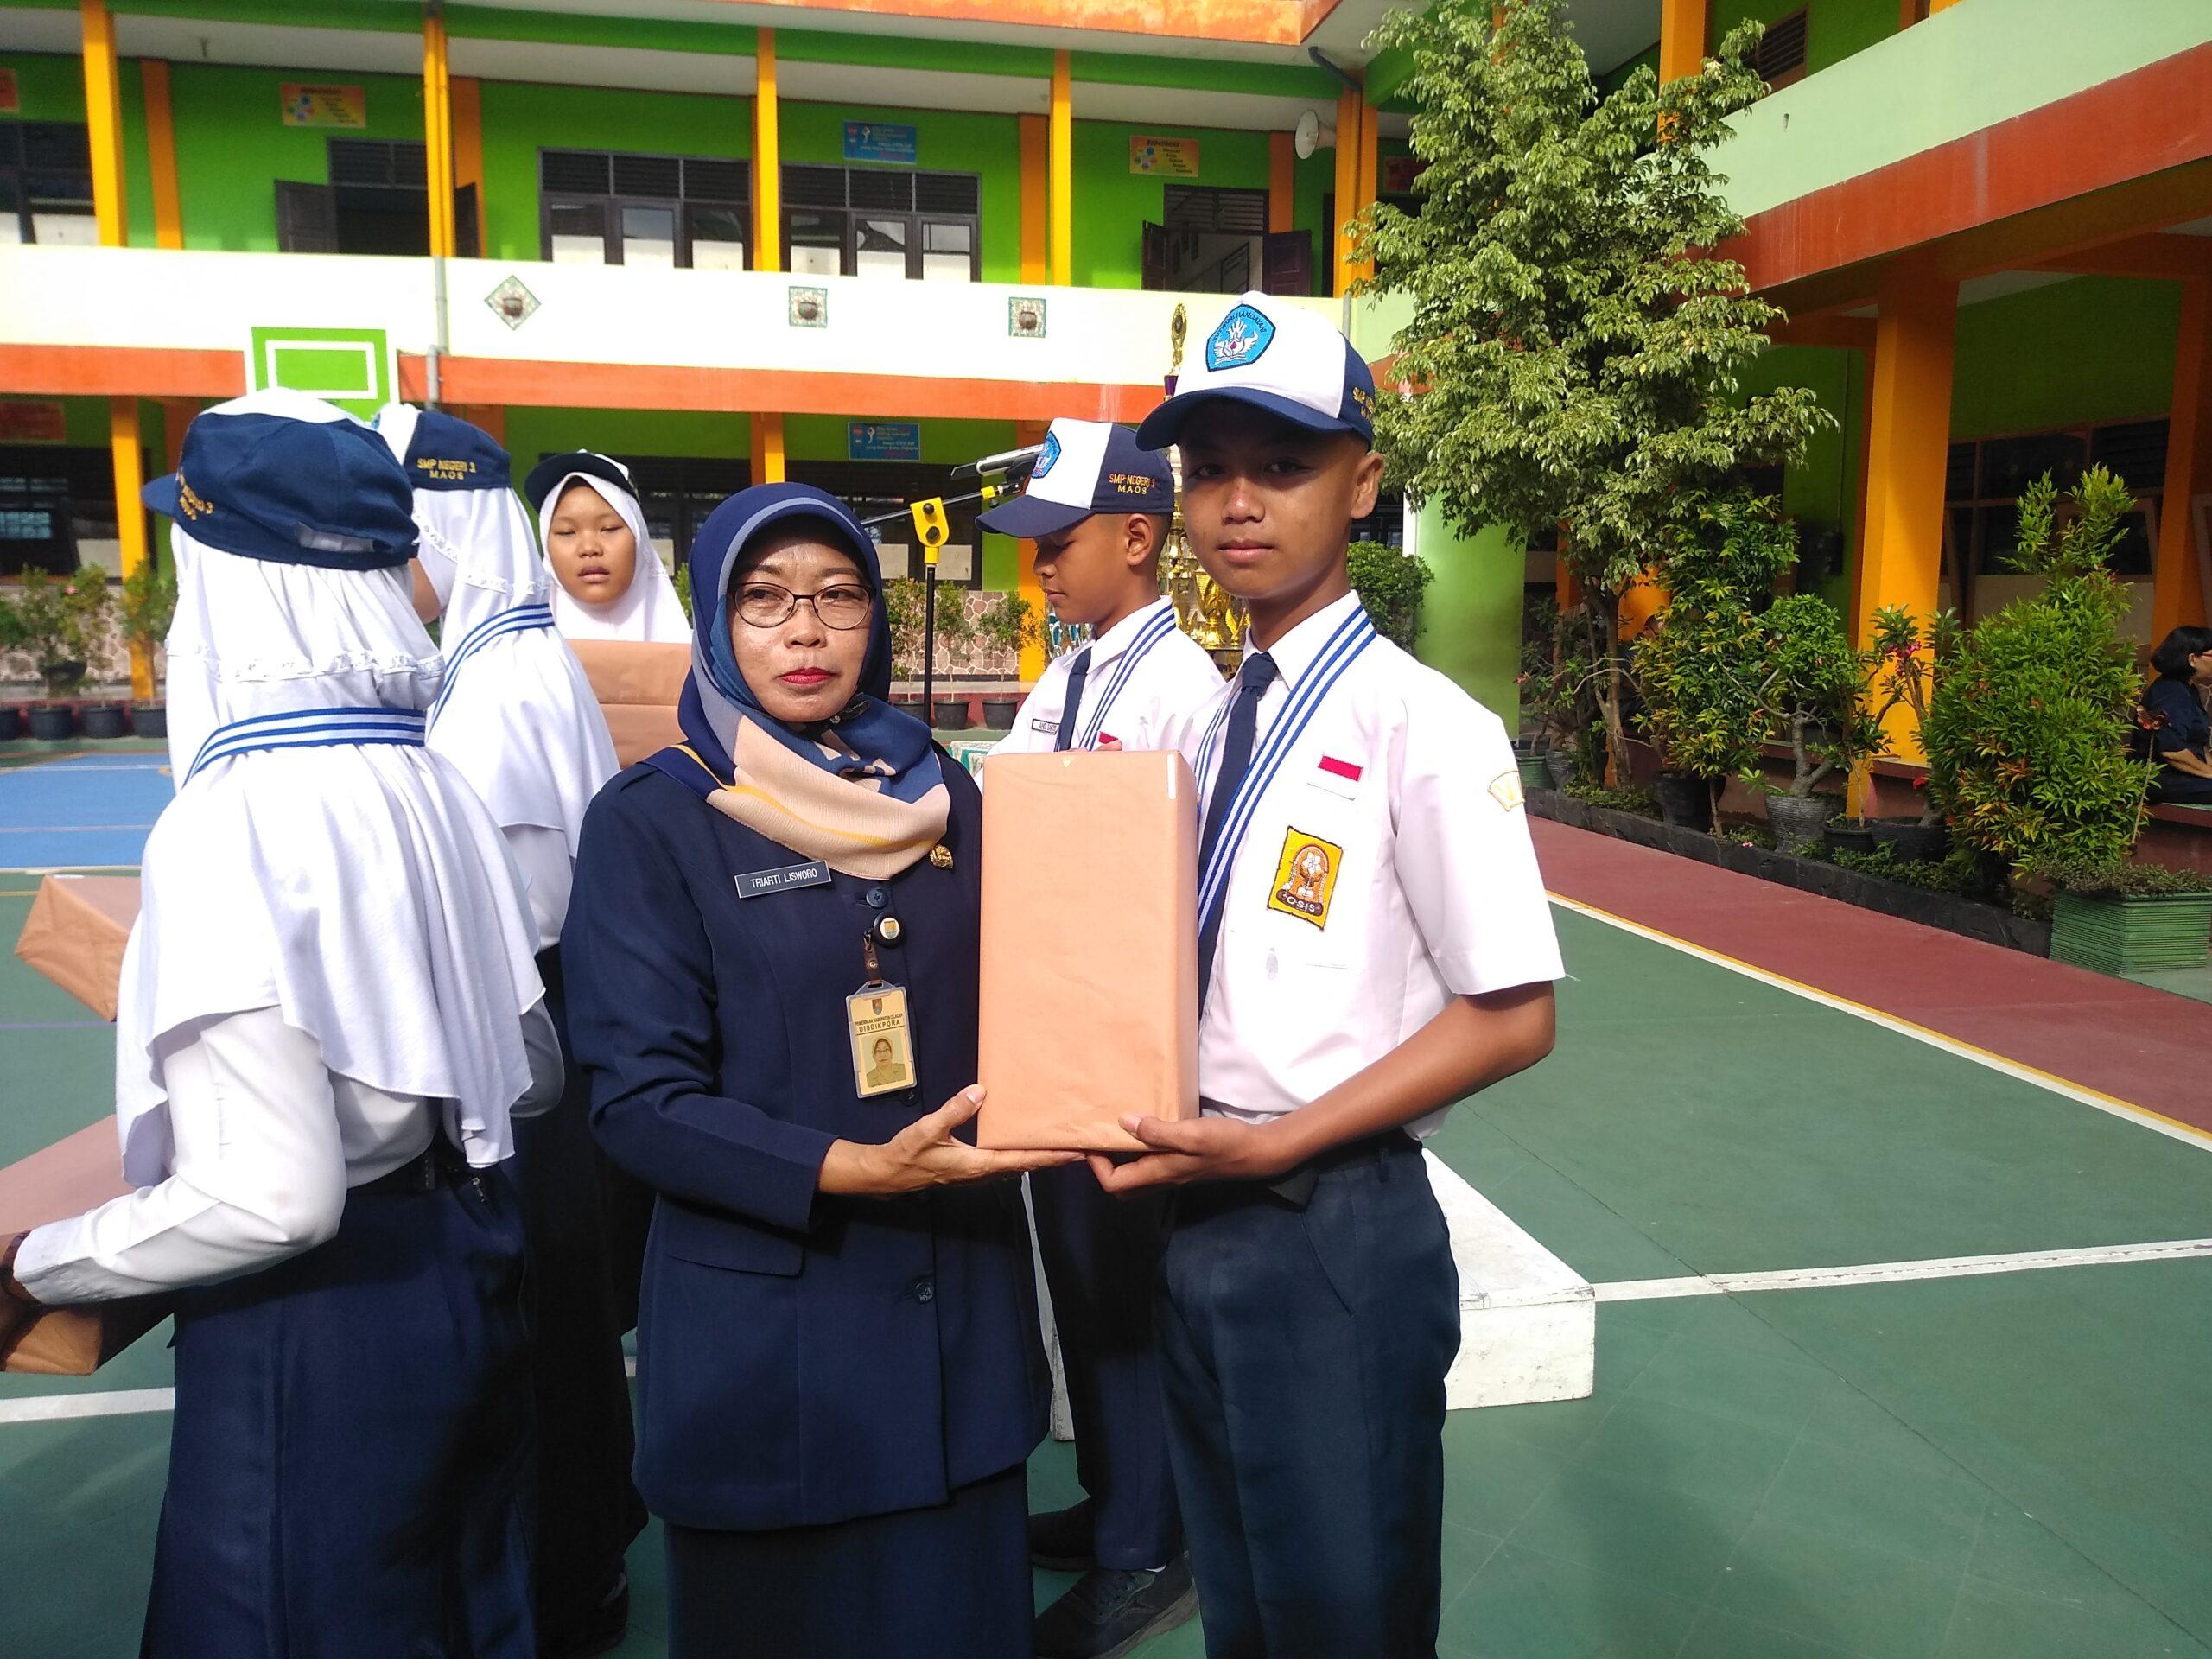 Penyerahan hadiah oleh Ibu Kepala Sekolah kepada team PASMABARA